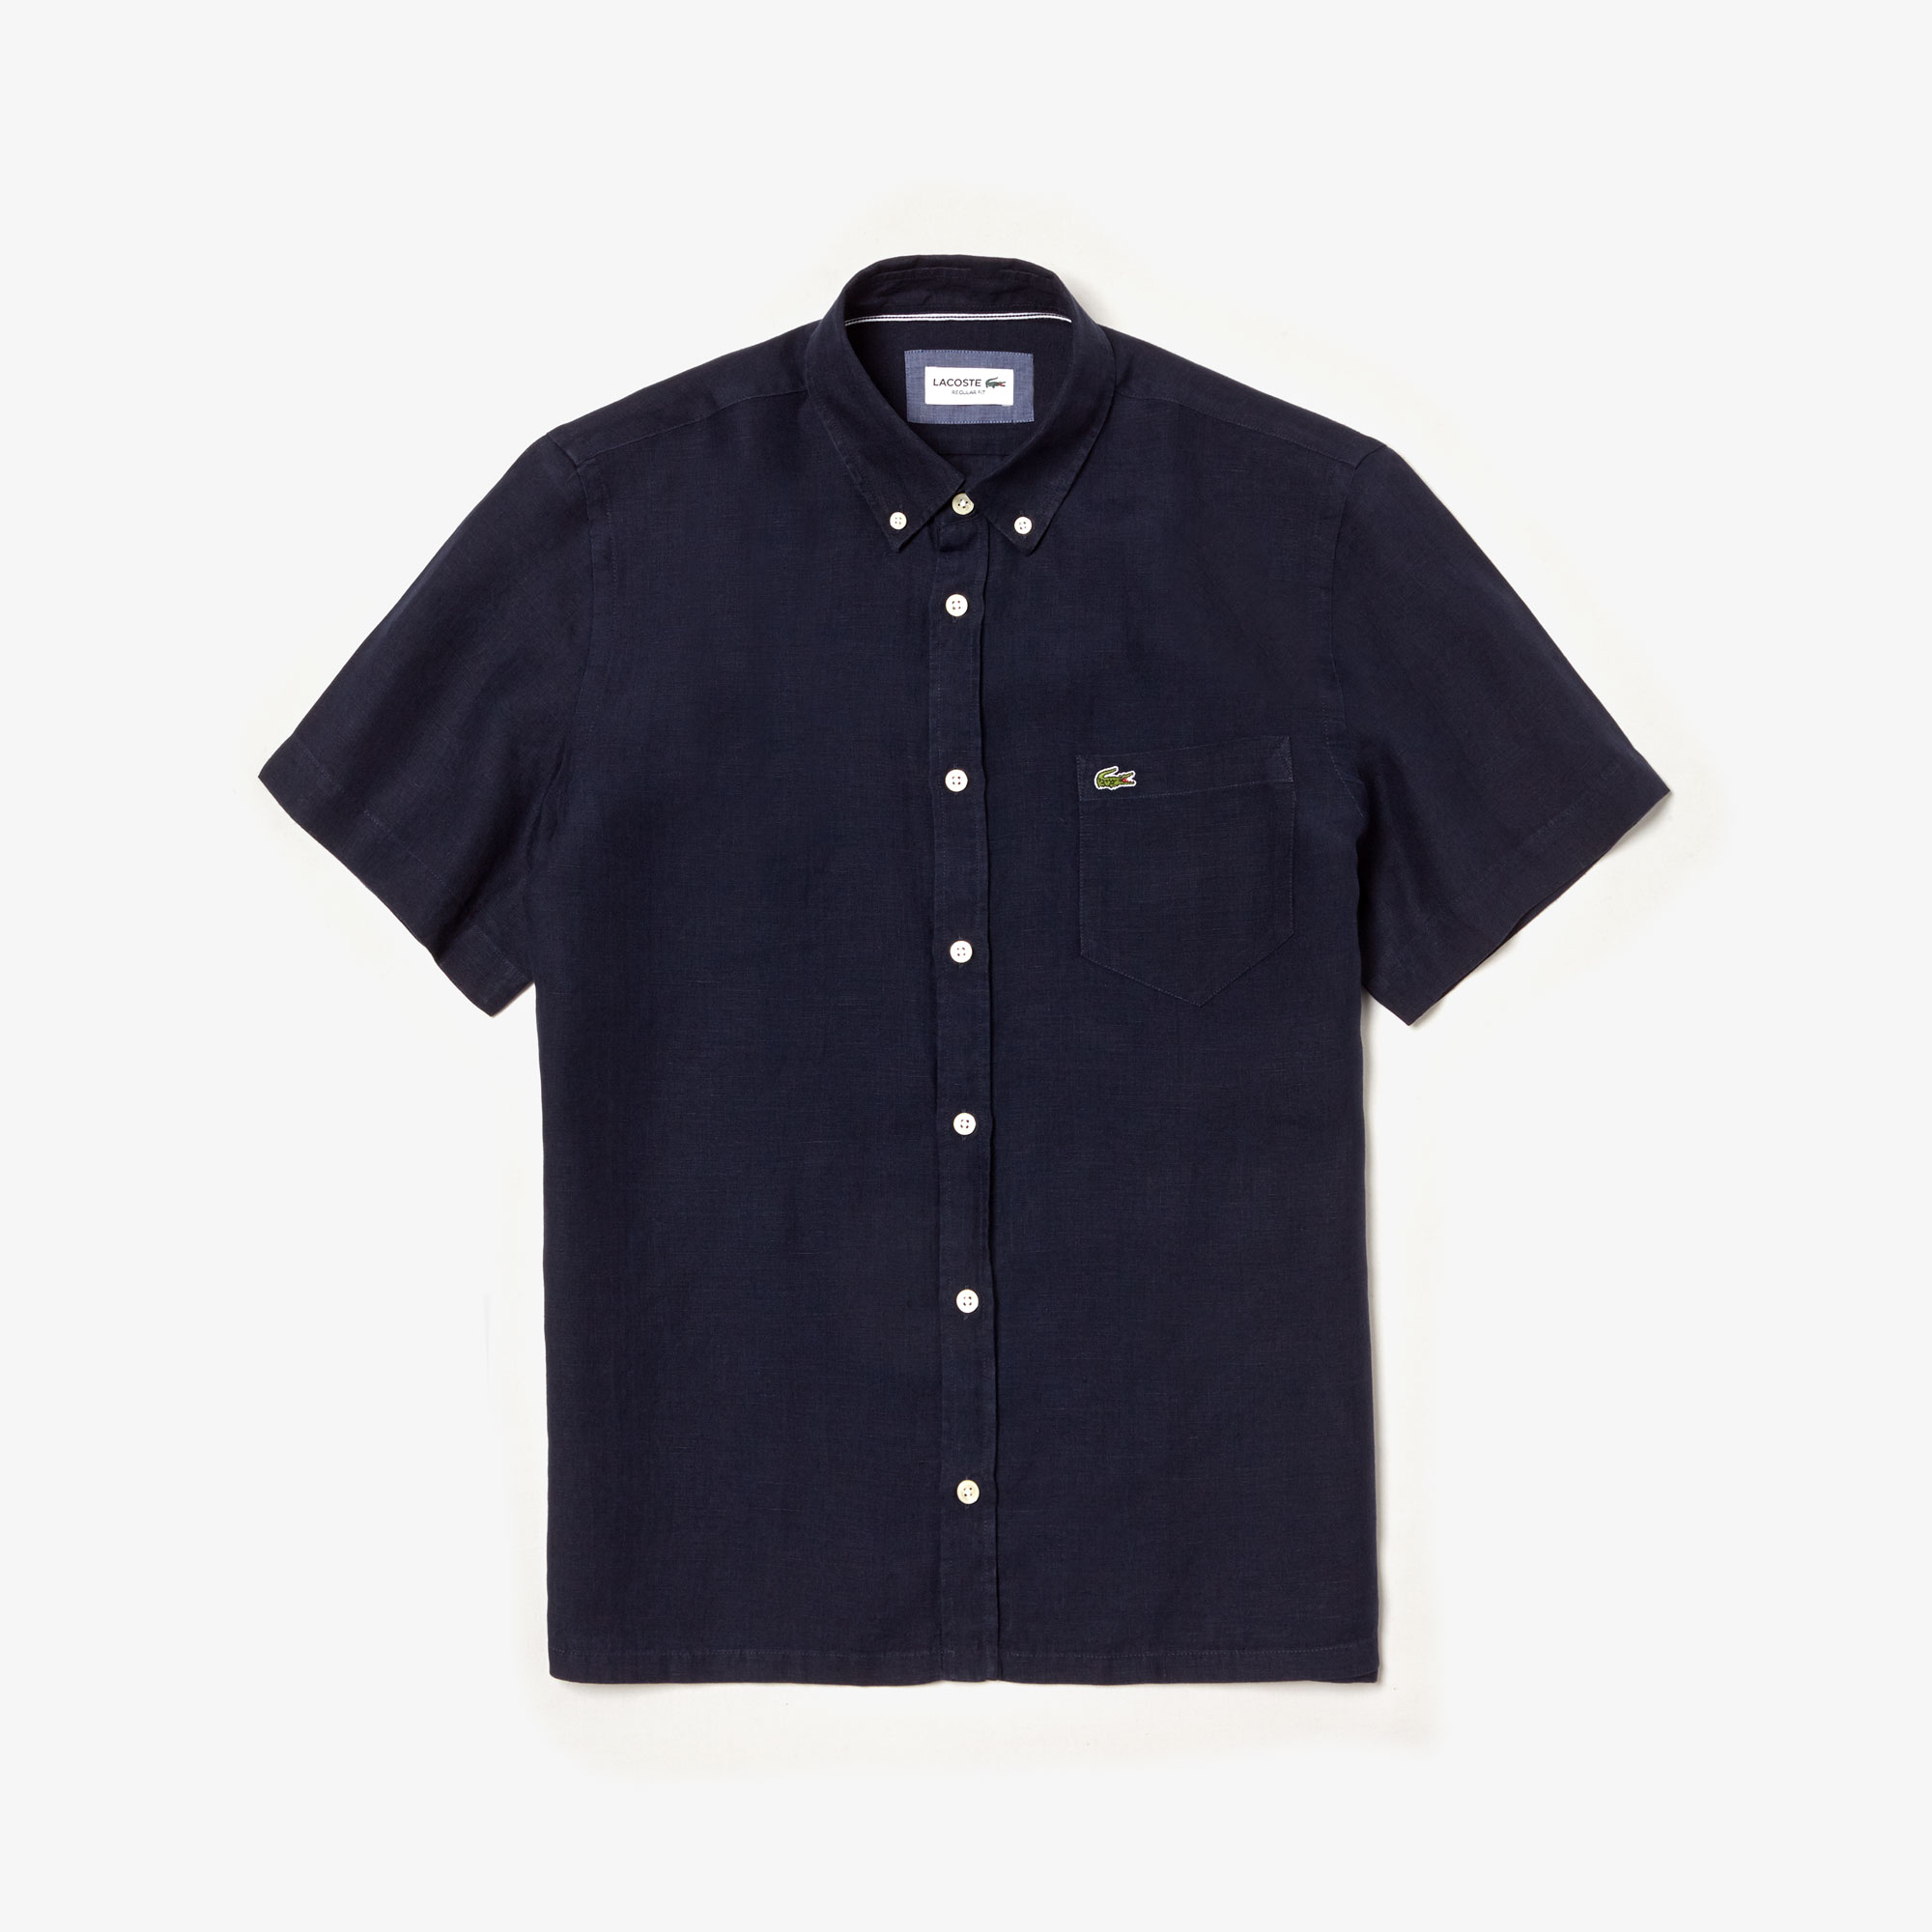 라코스테 반팔 셔츠 Lacoste Mens Regular Fit Linen Shirt,navy blue